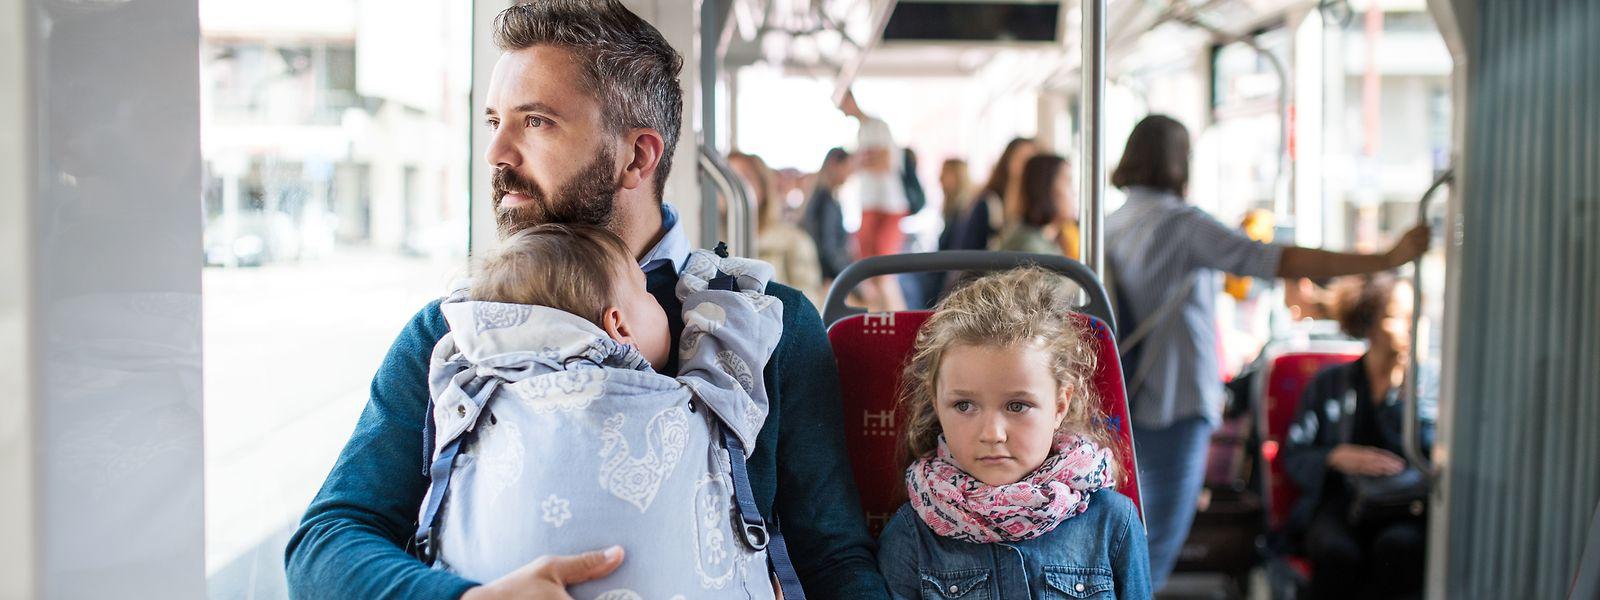 Le conseil arbitral de la sécurité sociale a déjà été saisi par plusieurs familles remettant en cause le refus de leur dossier par la Caisse pour l'avenir des enfants qui gère le congé parental.